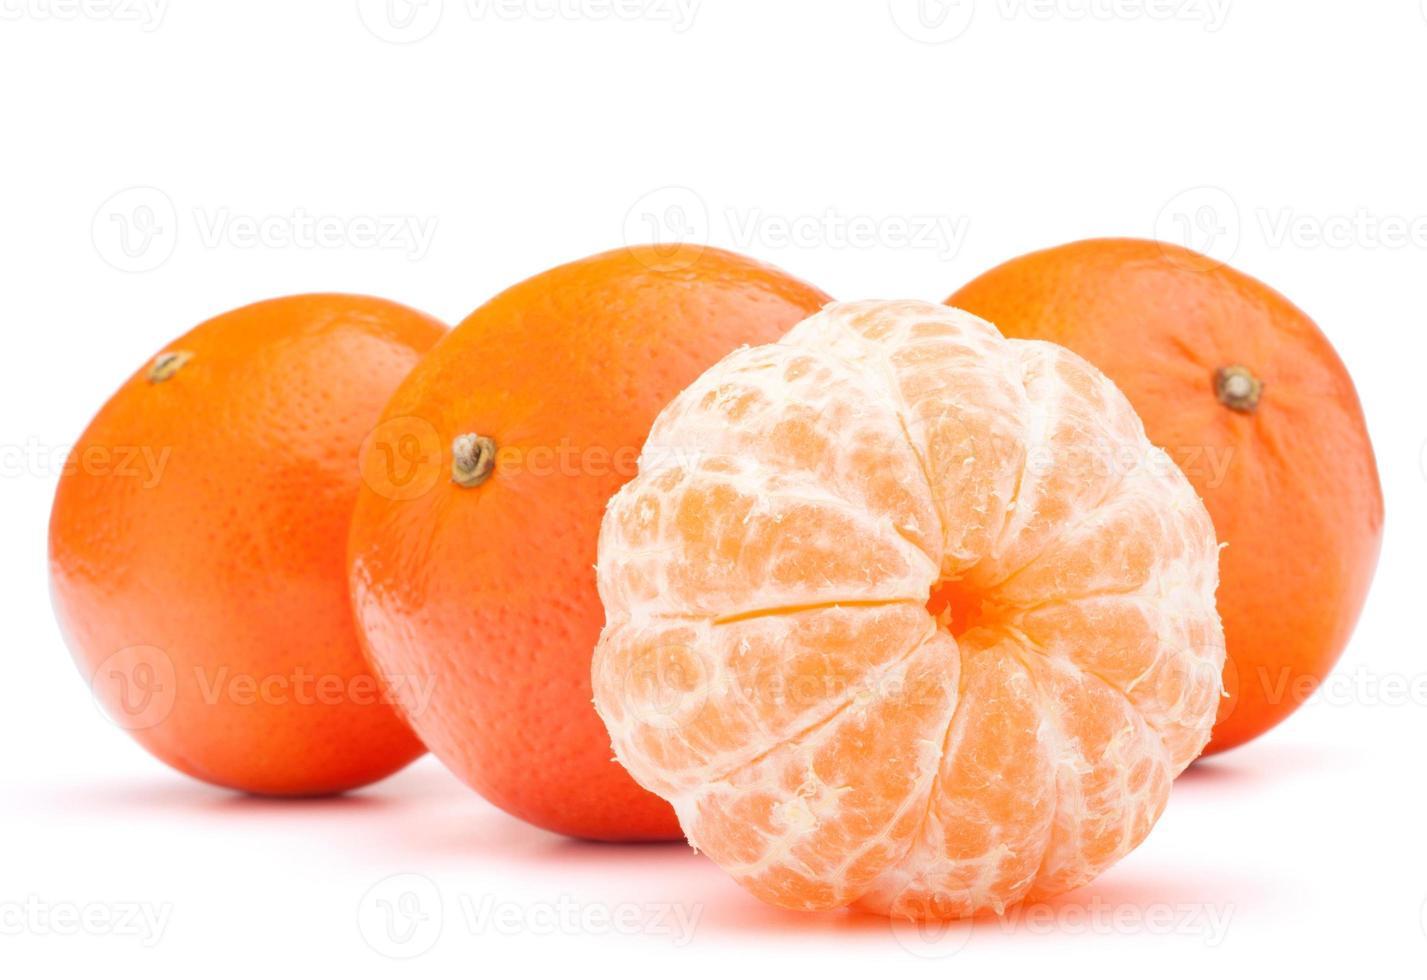 mandarino o mandarino foto